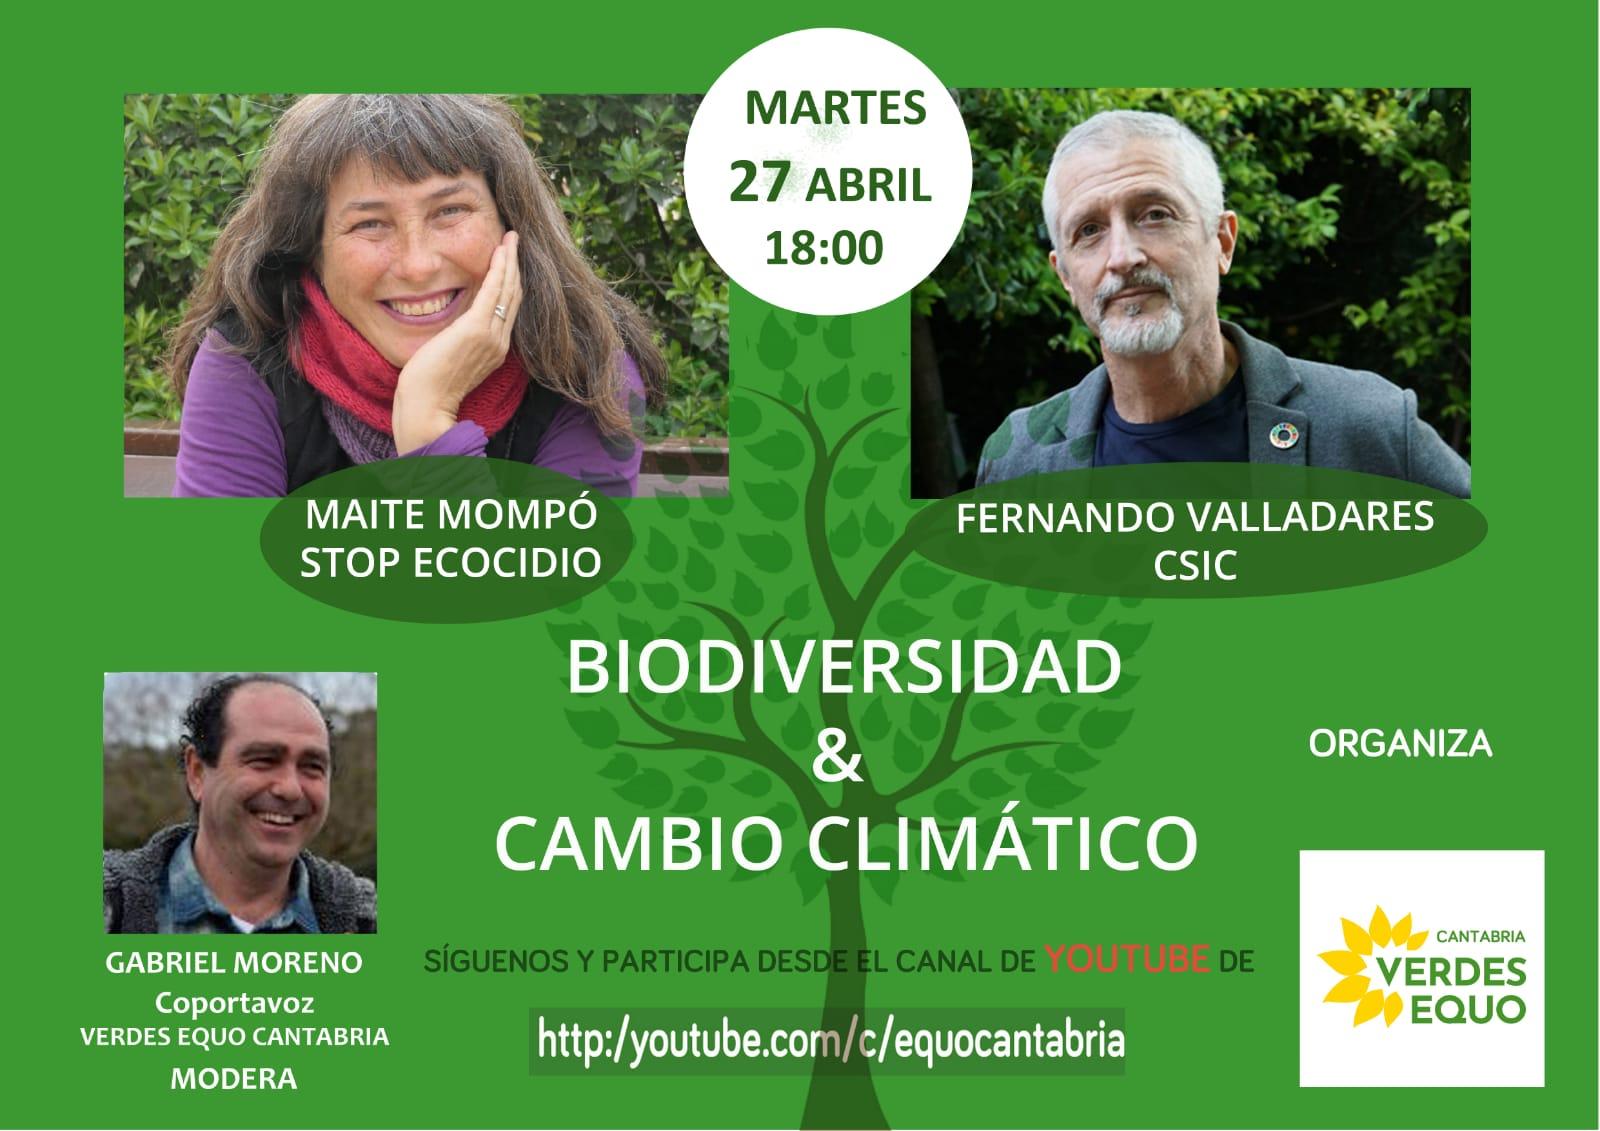 Biodiversidad y cambio climático